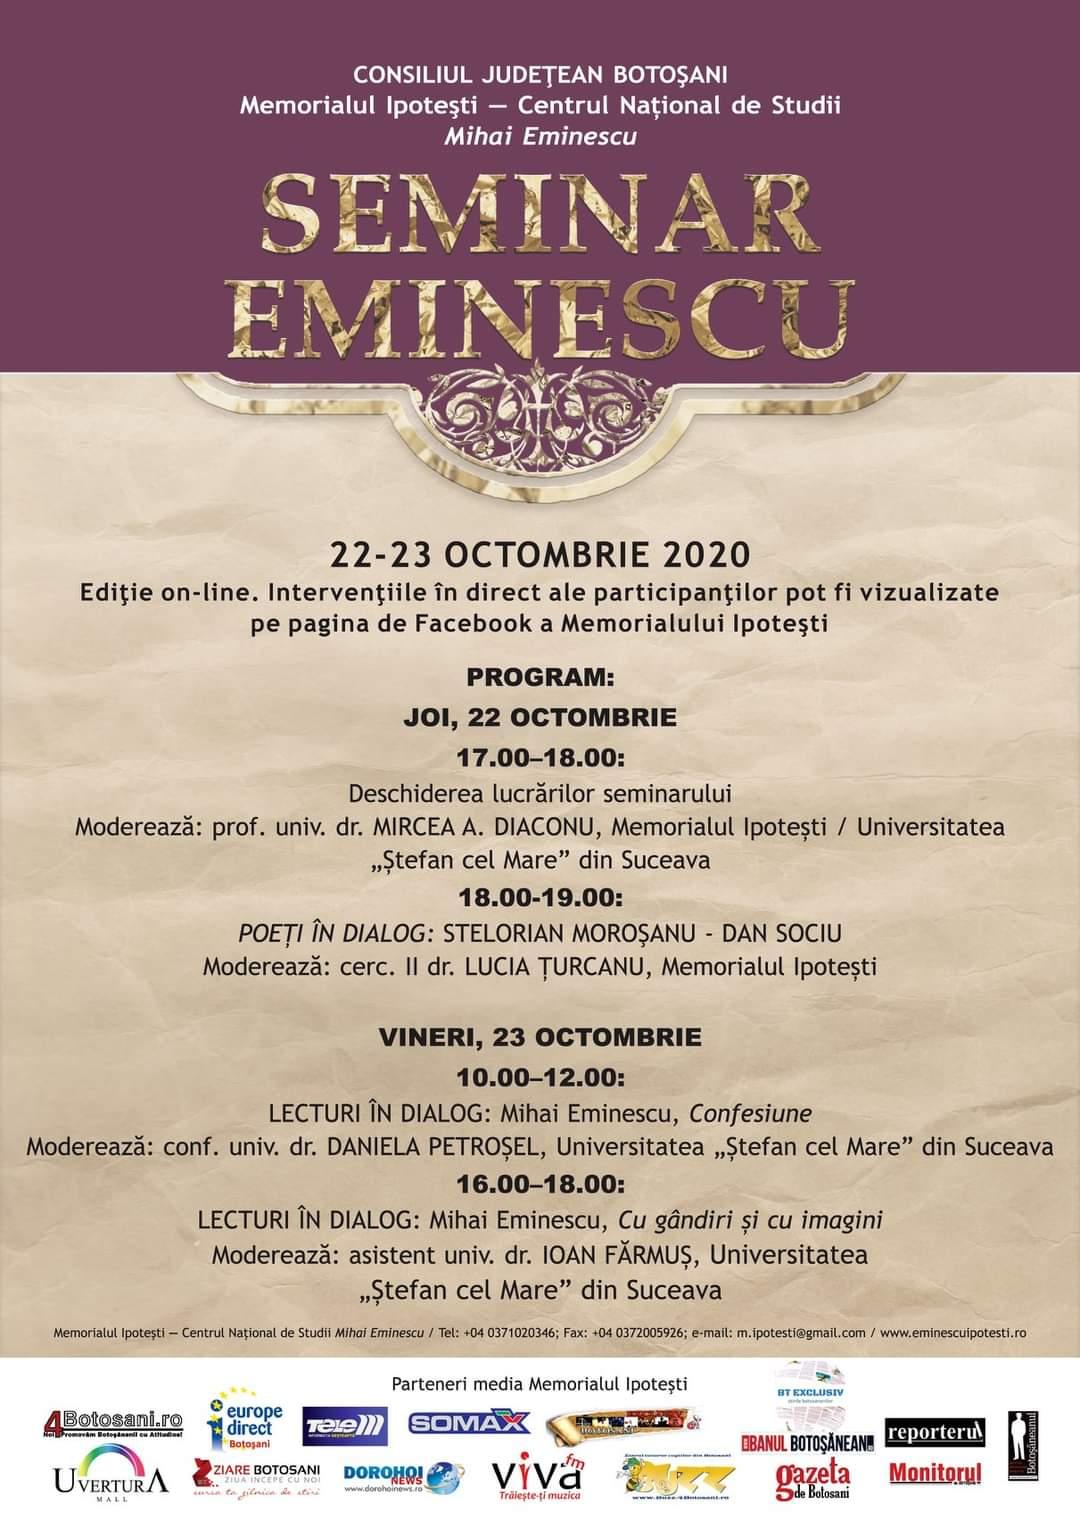 Memorialul Ipotești – Centrul Național de Studii Mihai Eminescu organizează, în perioada 22-23 octombrie 2020, a VII-a ediție a Seminarului Eminescu